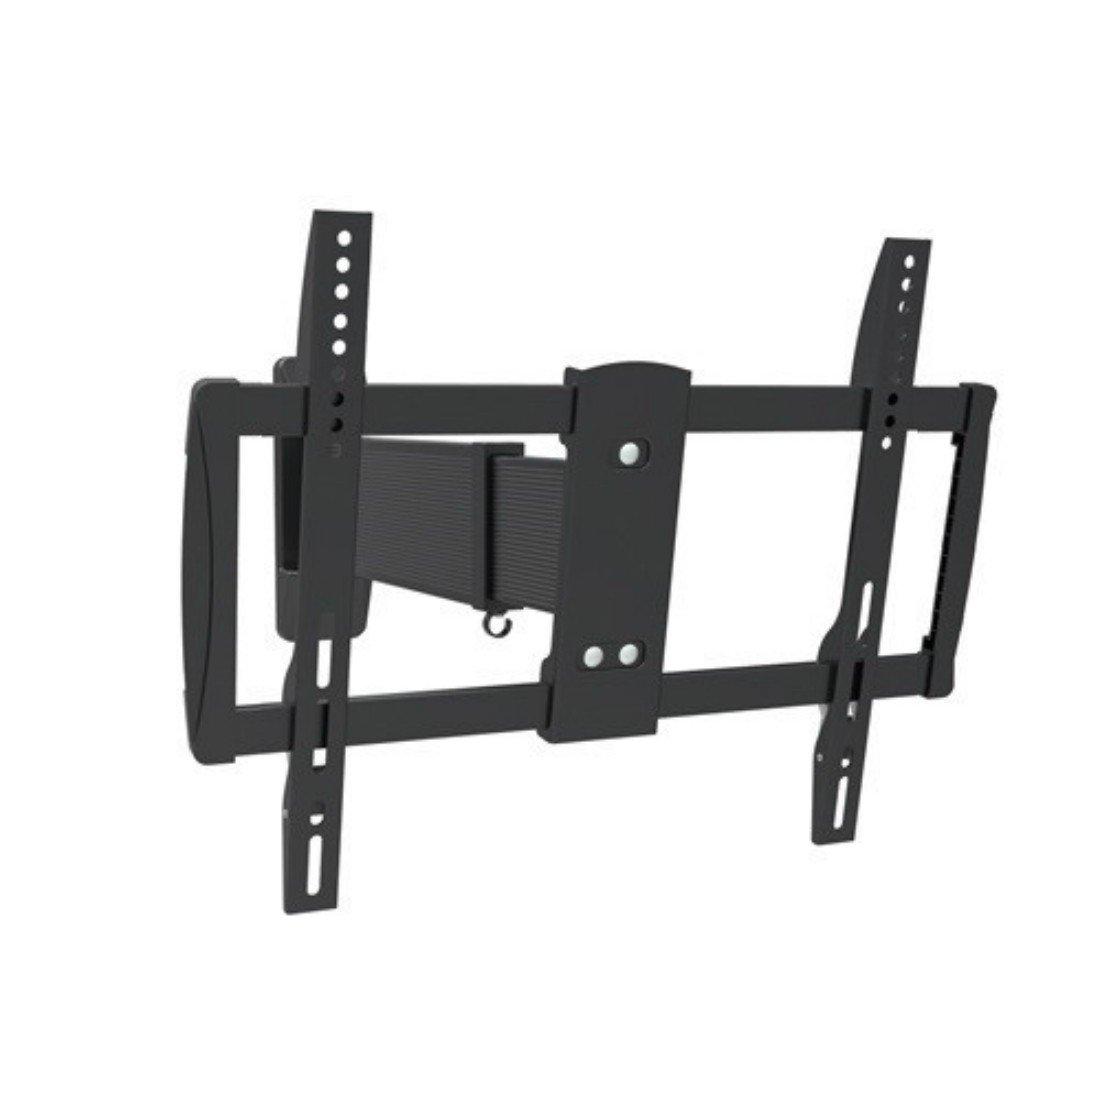 Störch Slide-400 Wandhalterung für Fernseher (63,3-147,7 cm (25-58 Zoll), 45-680 mm, max. 40 kg, VESA: 400x400)